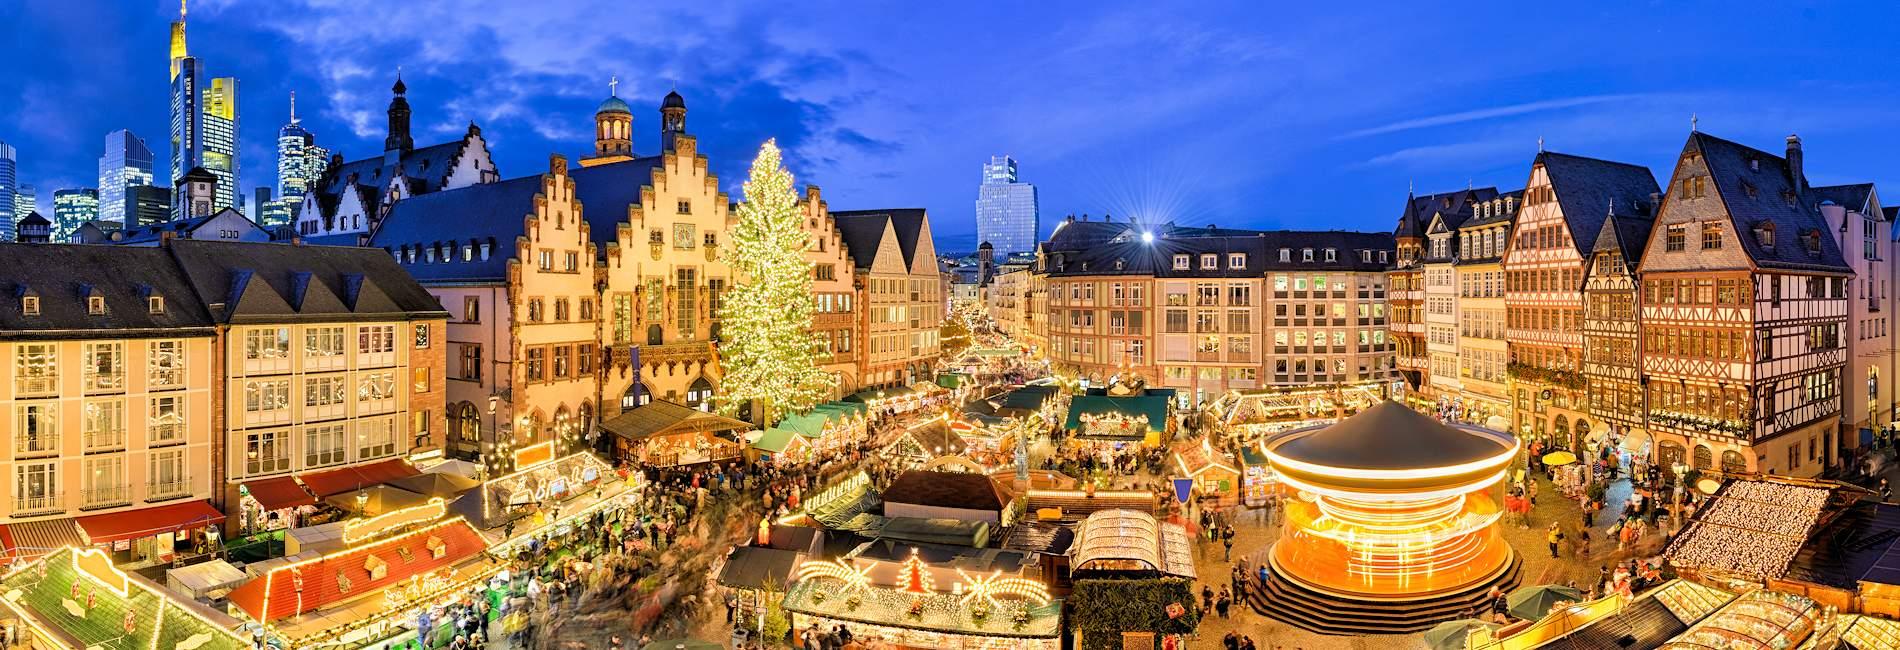 Frankfurter Weihnachtsmarkt.Ferienwohnung Ferienhaus Zum Frankfurter Weihnachtsmarkt Mieten